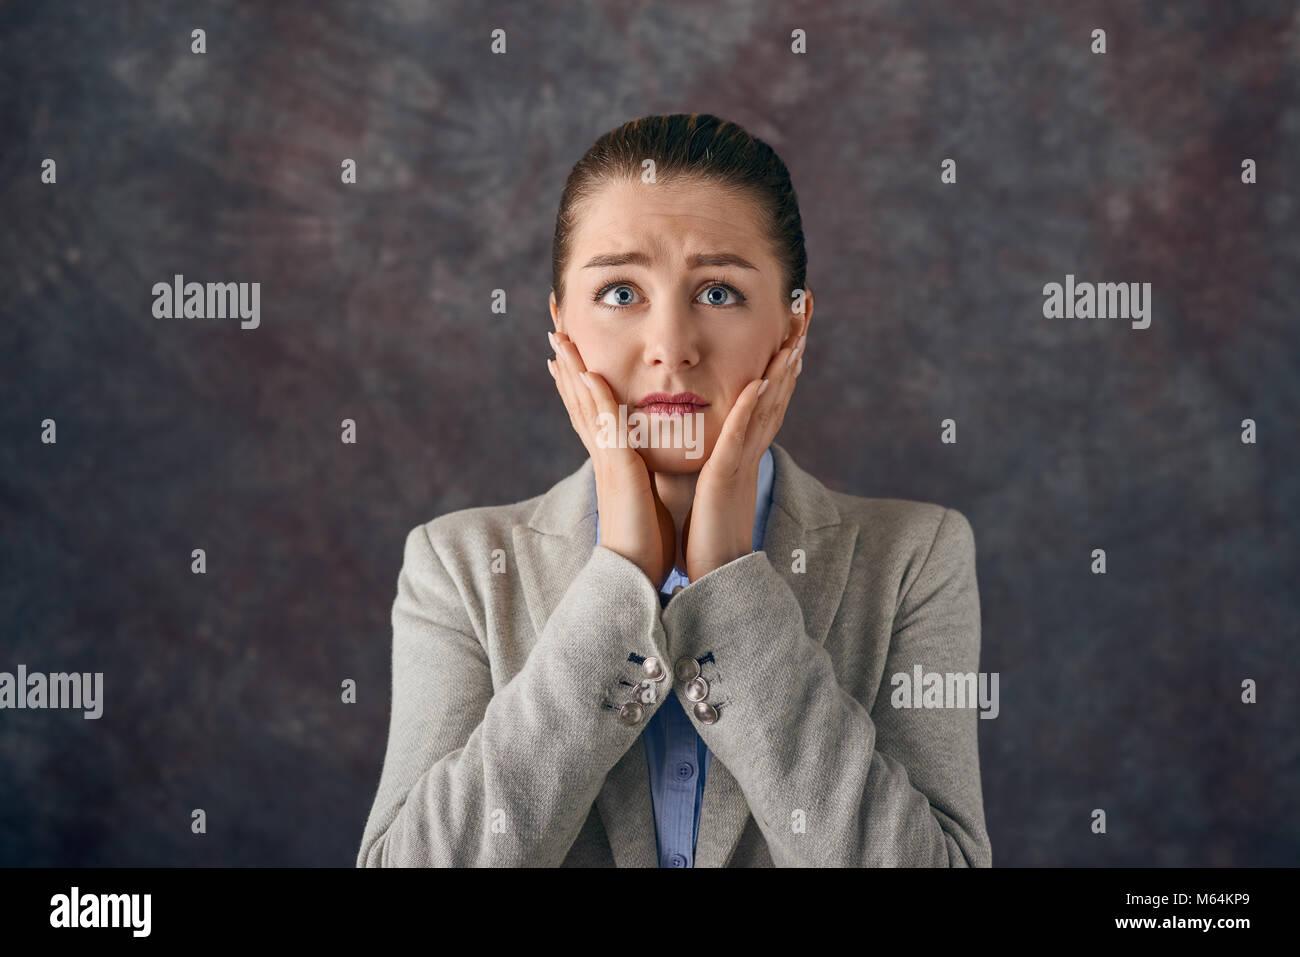 Costernato sconvolto giovane donna con le mani alle sue guance staring wide eyed presso la fotocamera con un lacrimoso Foto Stock